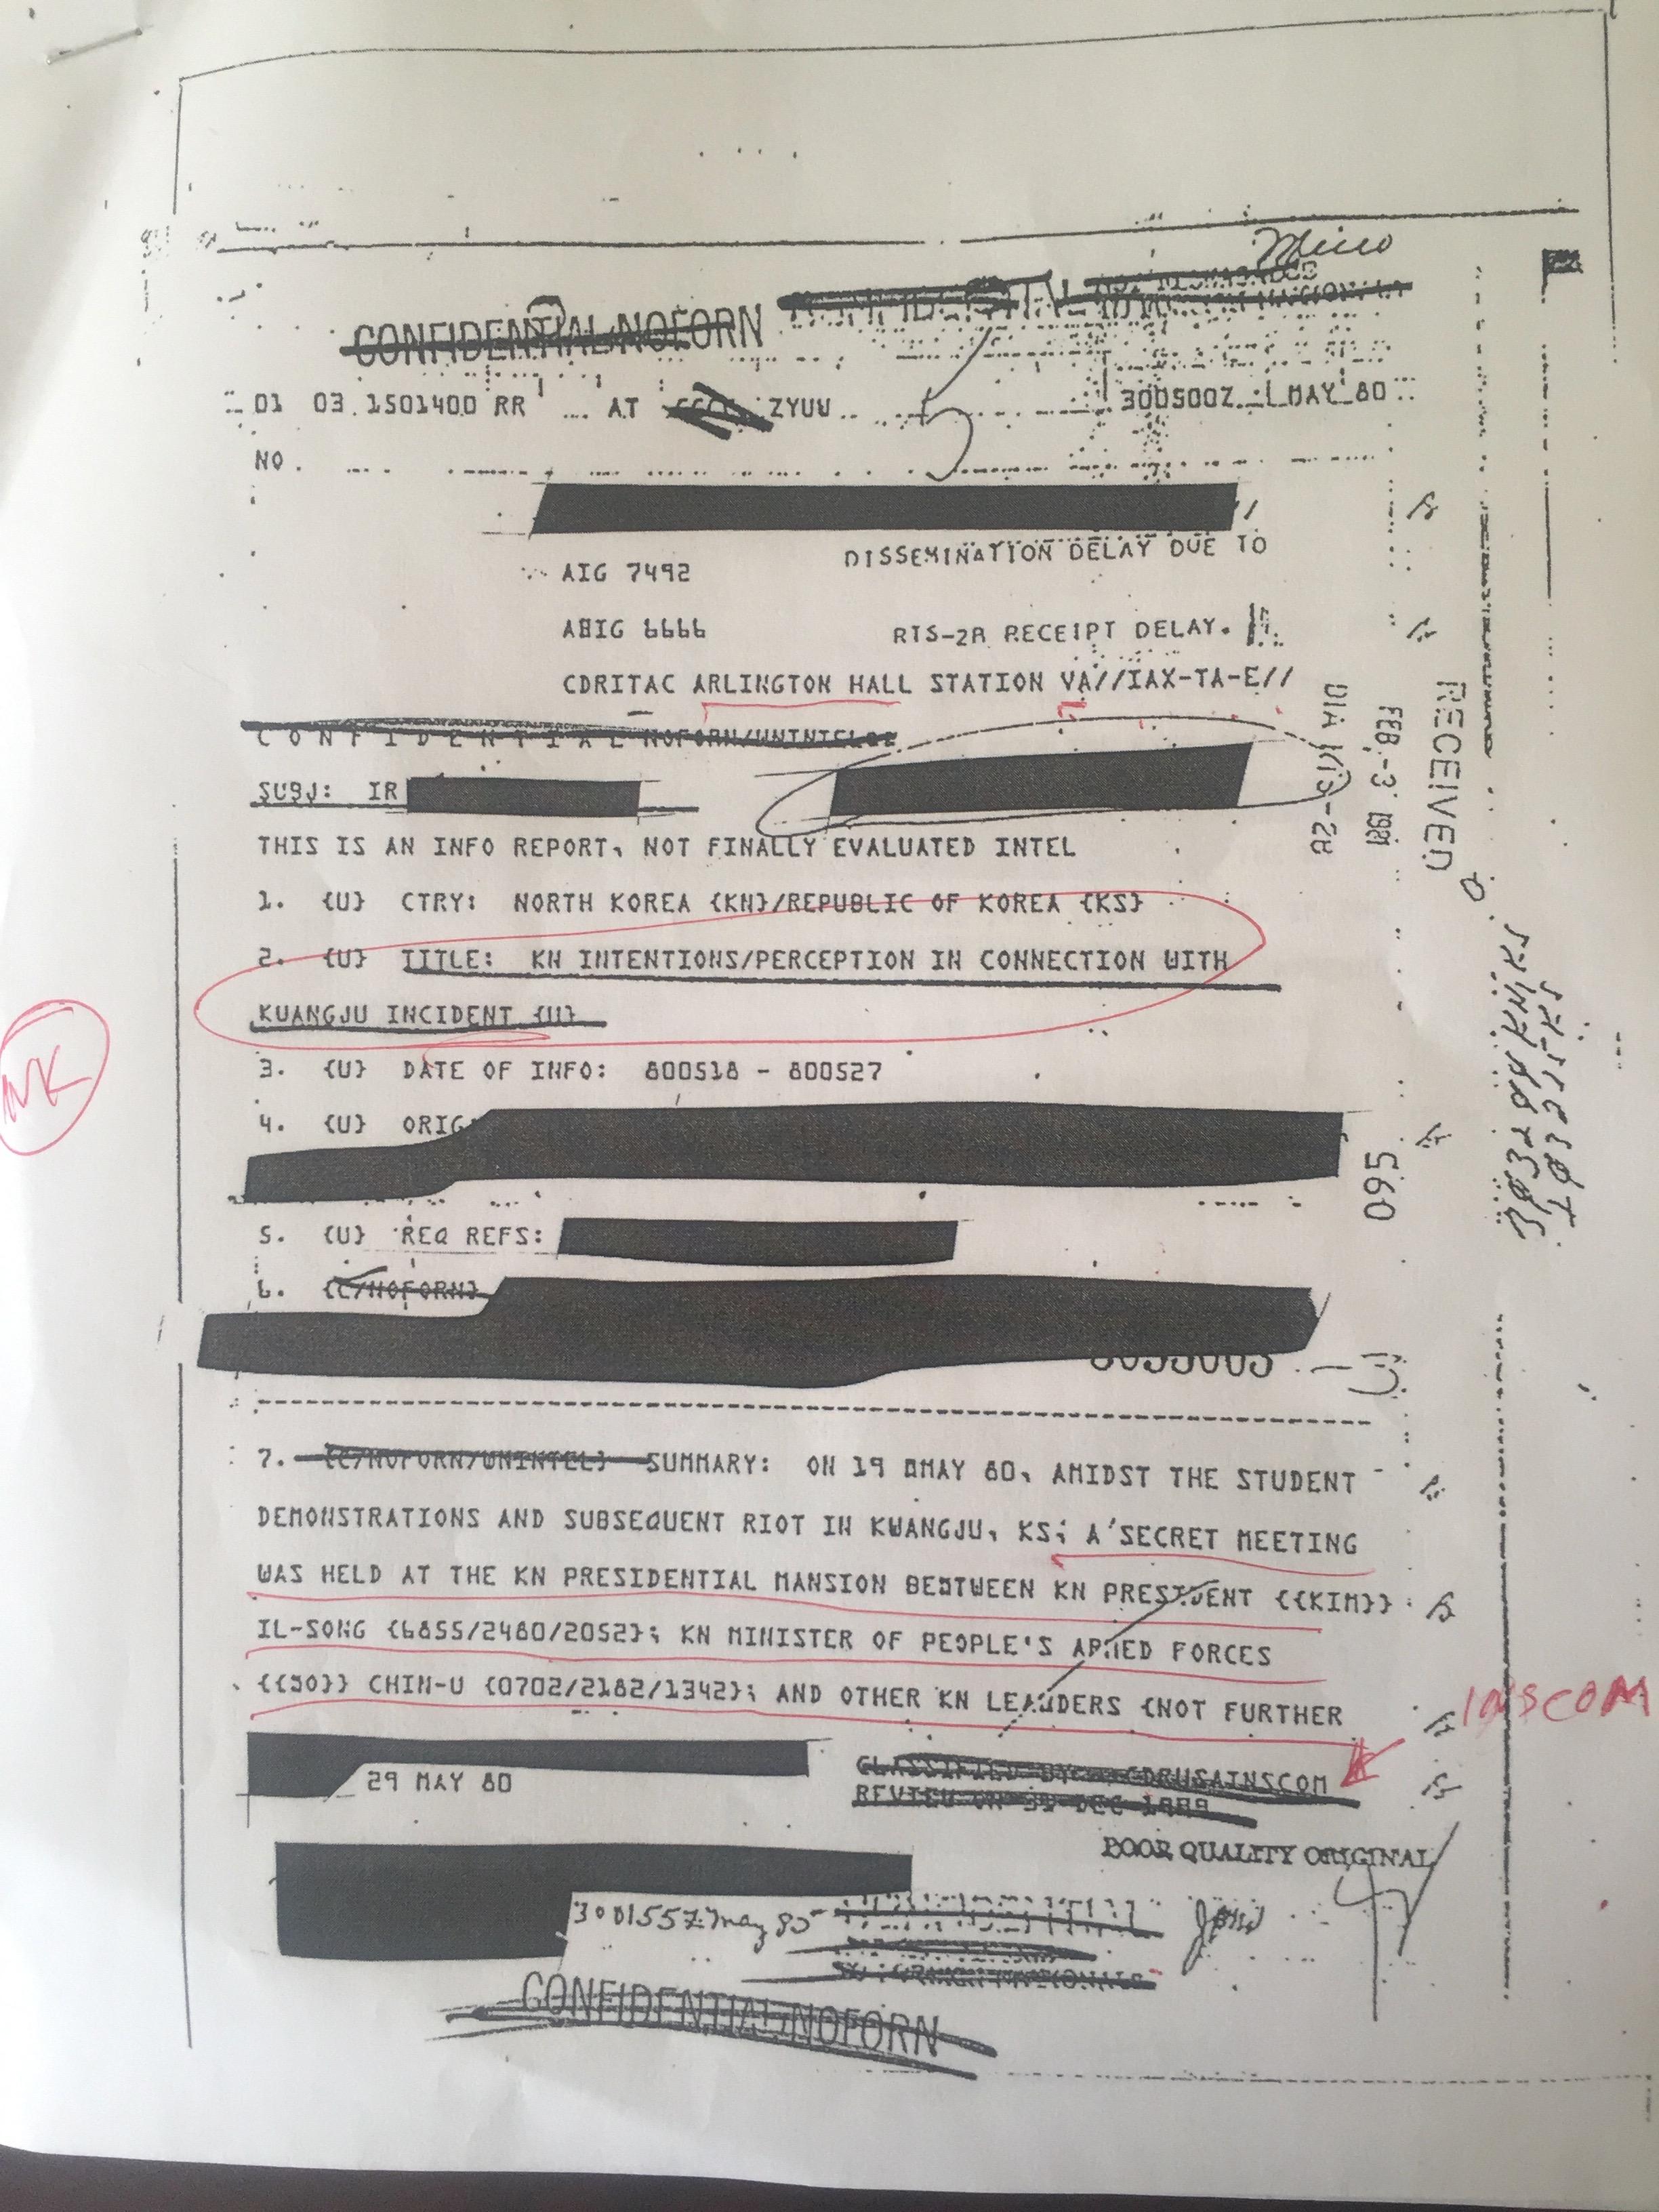 북한의 5월 19일자 상황을 보고한 CIA 문건